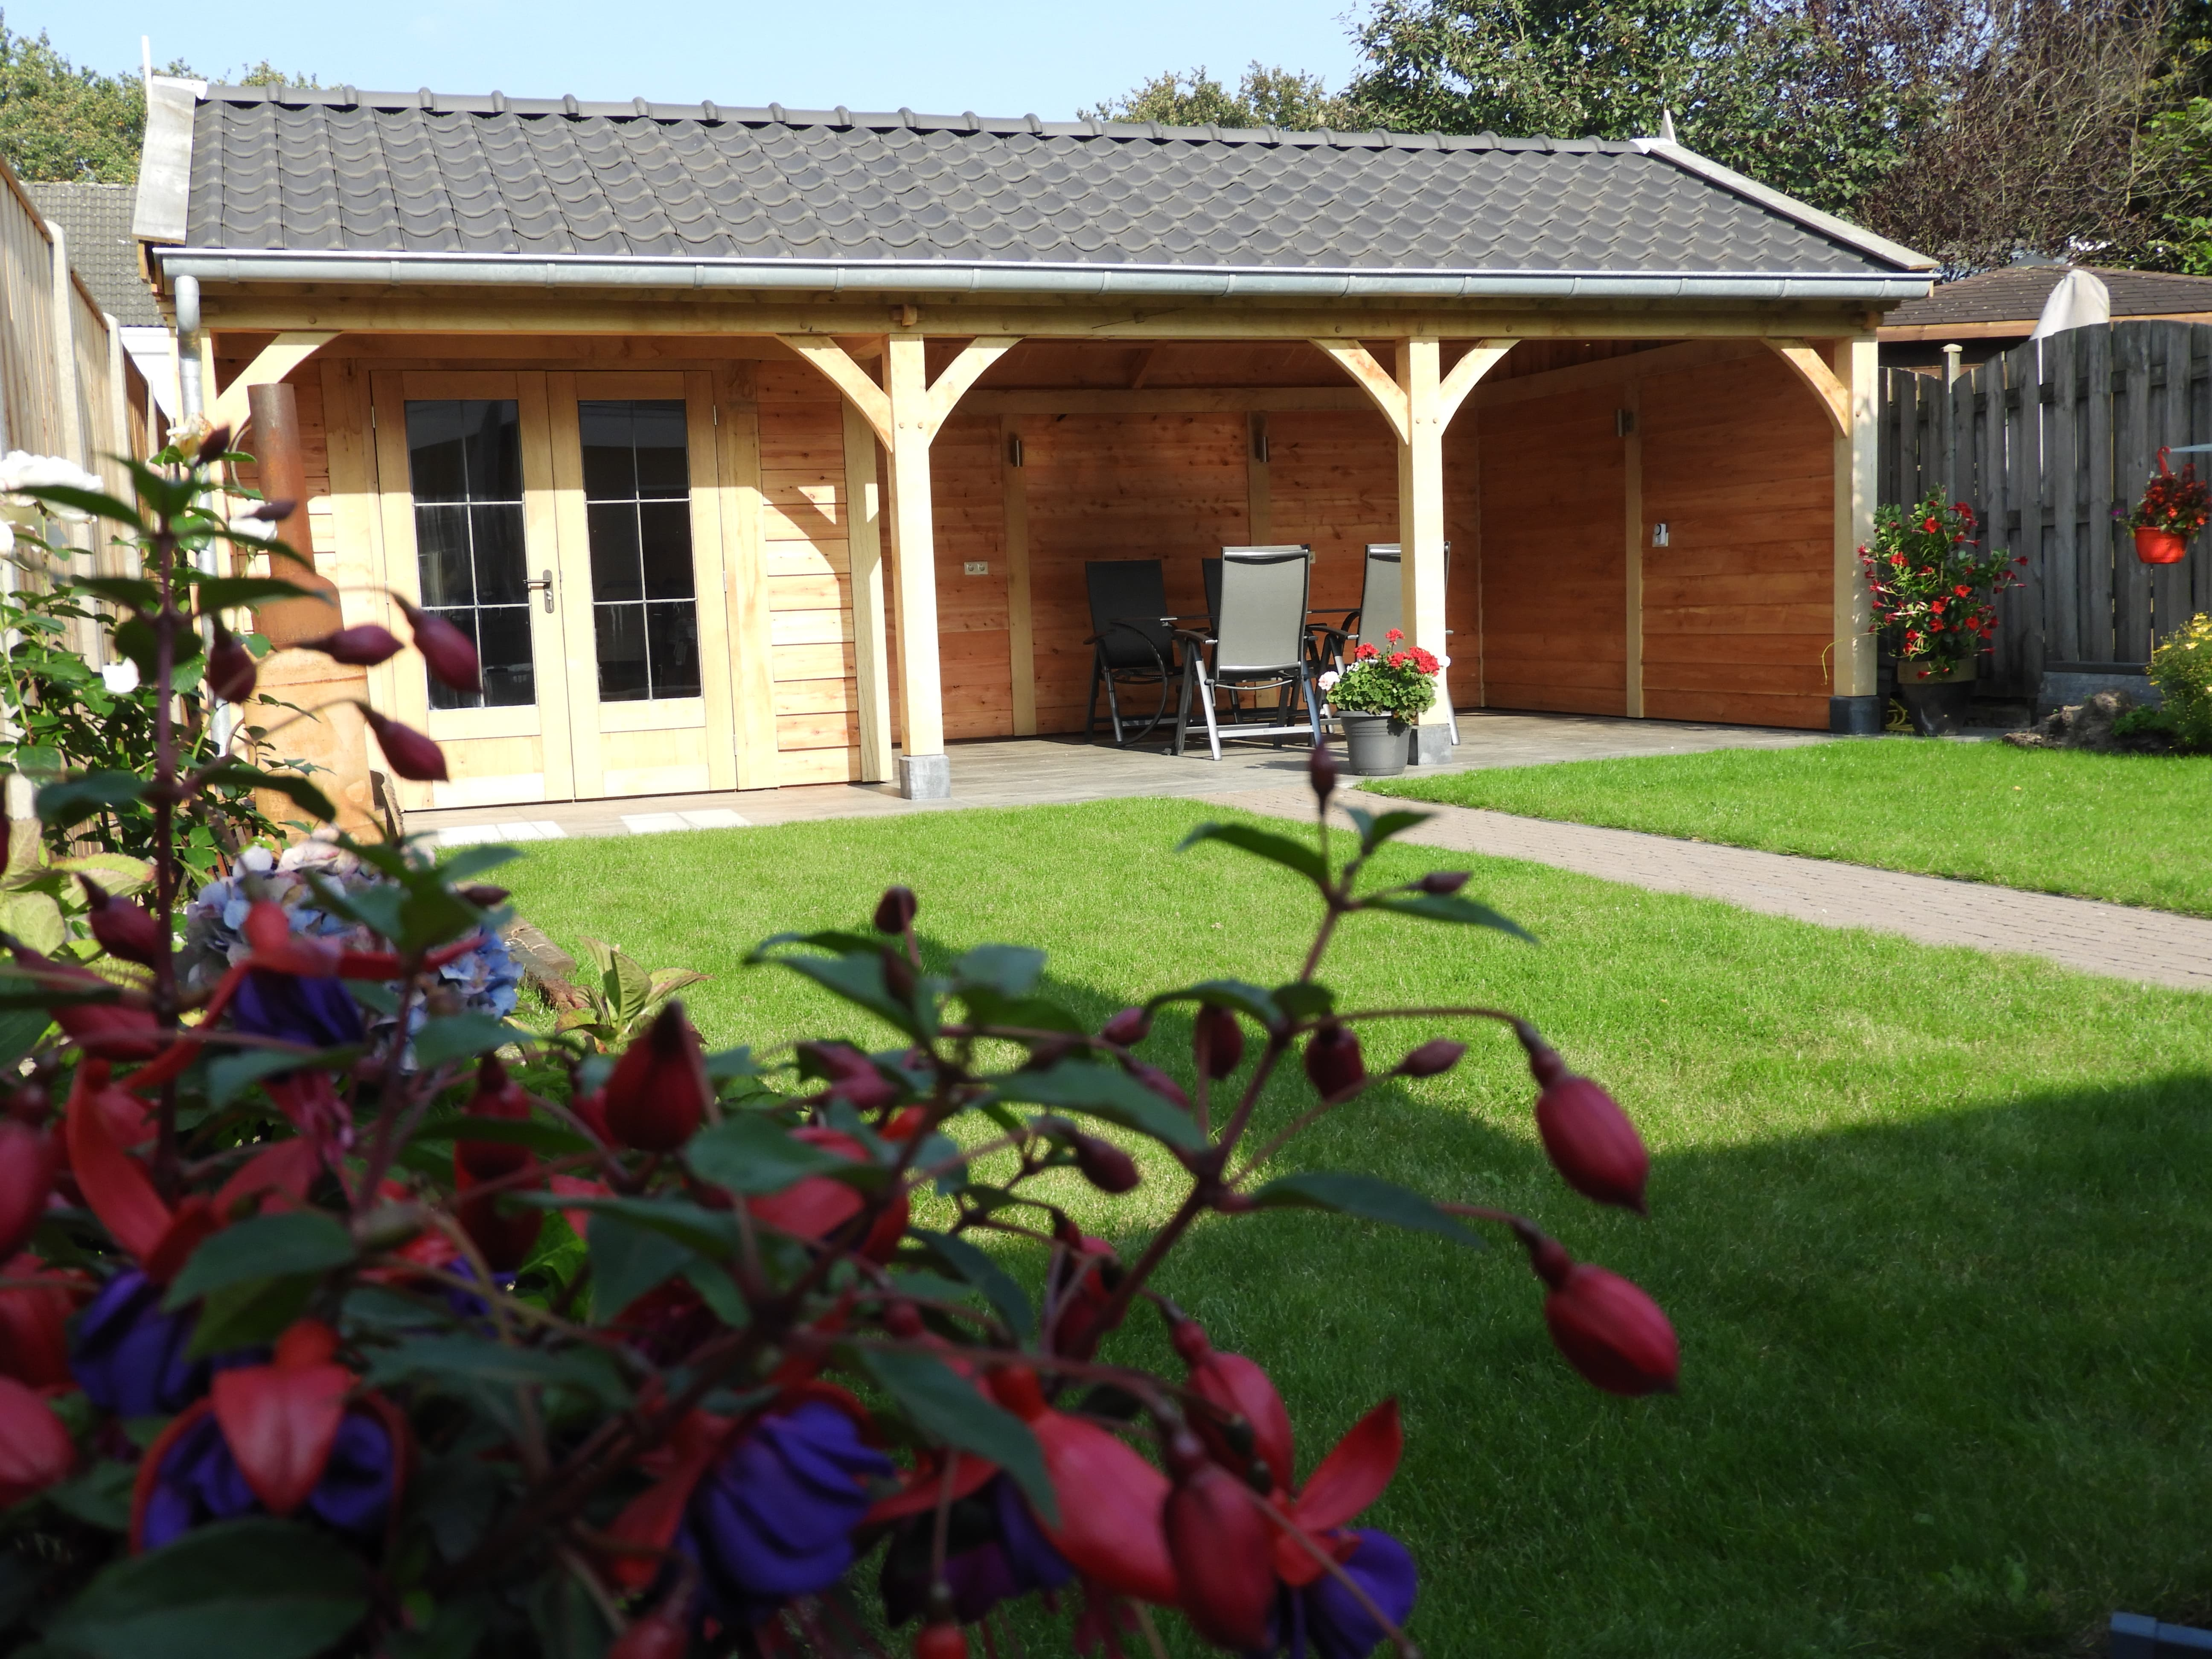 houten-tuinhuis-met-veranda-4-min - project Marienberg